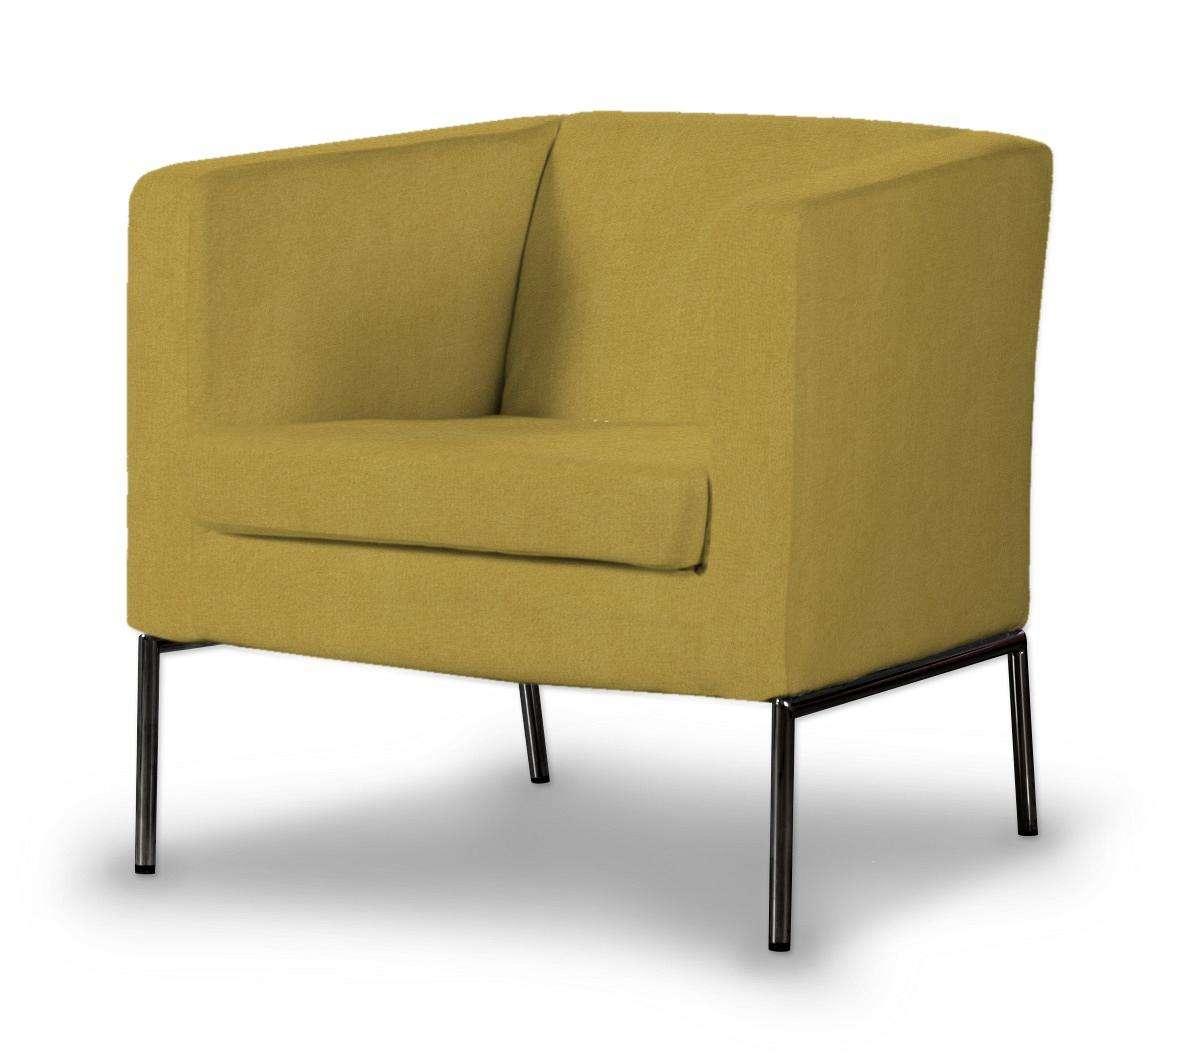 Pokrowiec na fotel Klappsta Fotel Klappsta w kolekcji Etna , tkanina: 705-04